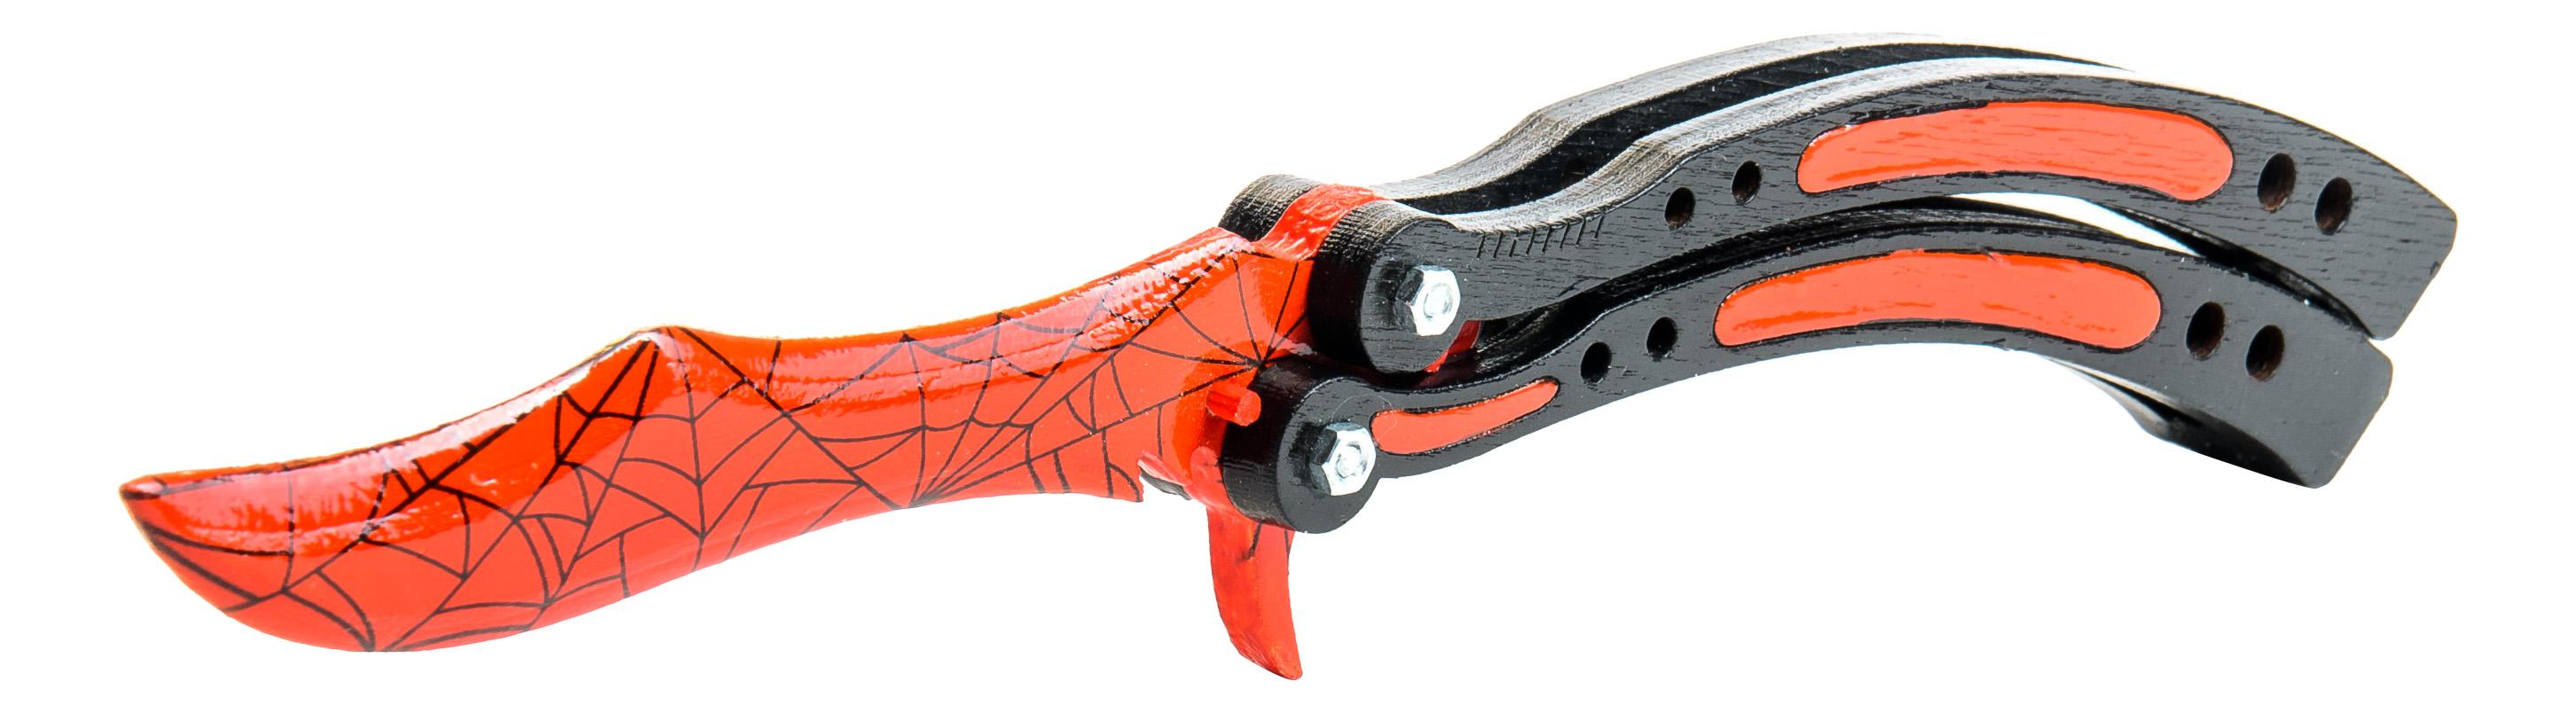 Игрушечный нож-бабочка MASKBRO Кровавая паутина фото